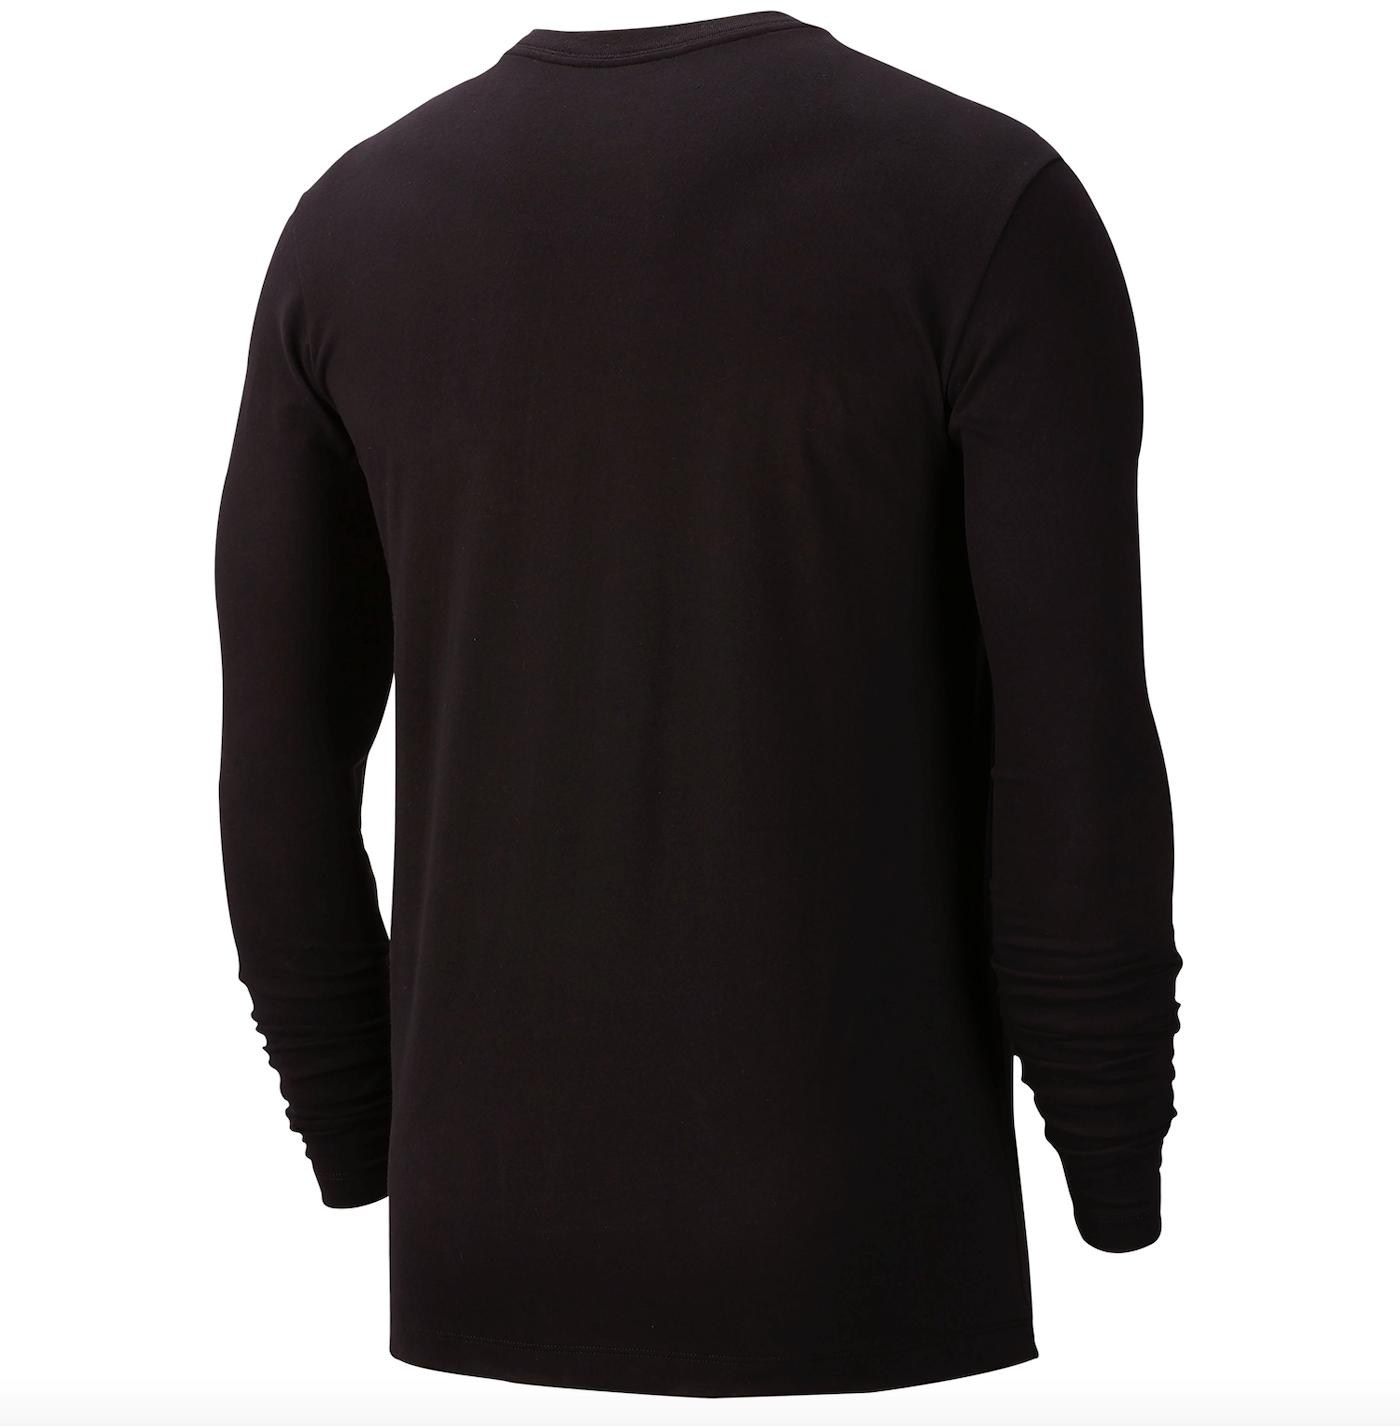 Bilde av Nike m dry swosh shirt CK5037-010